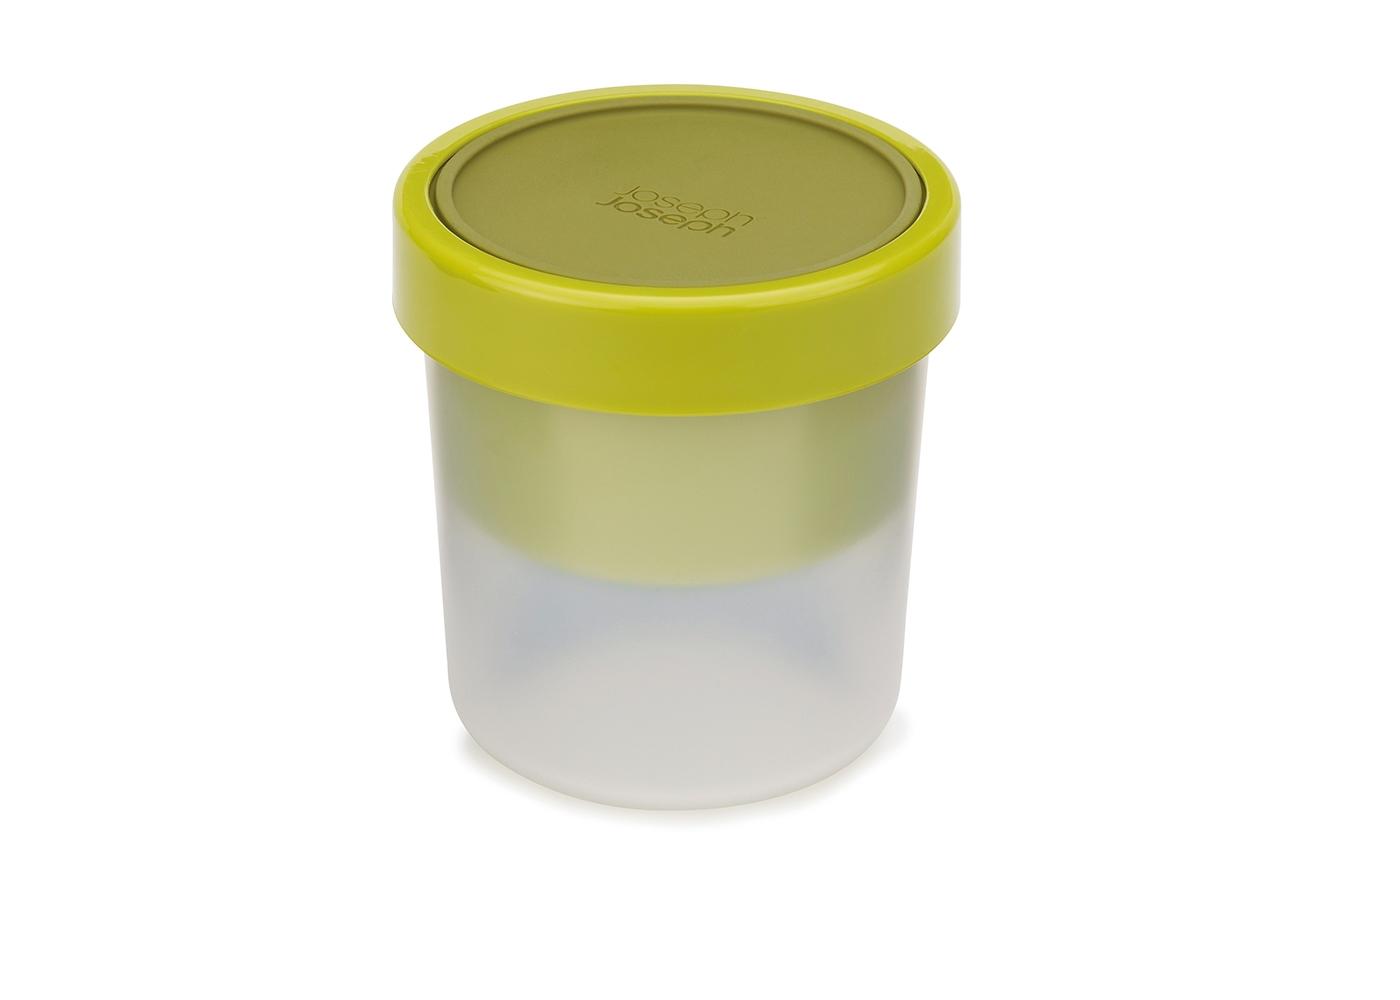 Ланч-бокс для супа компактныйЕмкости для хранения<br>&amp;lt;div&amp;gt;Ланч-бокс для супа с инновационным дизайном, предусматривающий защиту от протекания. Основной контейнер вмещает до 600 мл. жидкости, а небольшое верхнее отделение прекрасно подойдет для хлеба или гренок. Части контейнера отделены друг от друга герметичной силиконовой крышкой, которая плотно фиксируется блокирующим кольцом. Пустые контейнеры можно сложить один в другой, чтобы сэкономить место в сумке.&amp;lt;/div&amp;gt;&amp;lt;div&amp;gt;&amp;lt;br&amp;gt;&amp;lt;/div&amp;gt;&amp;lt;div&amp;gt;Можно мыть в посудомоечной машине. Контейнер и крышки можно разогревать в микроволновой печи, предварительно удалив блокирующее кольцо.&amp;lt;/div&amp;gt;<br><br>Material: Пластик<br>Width см: None<br>Height см: 11,5<br>Diameter см: 11